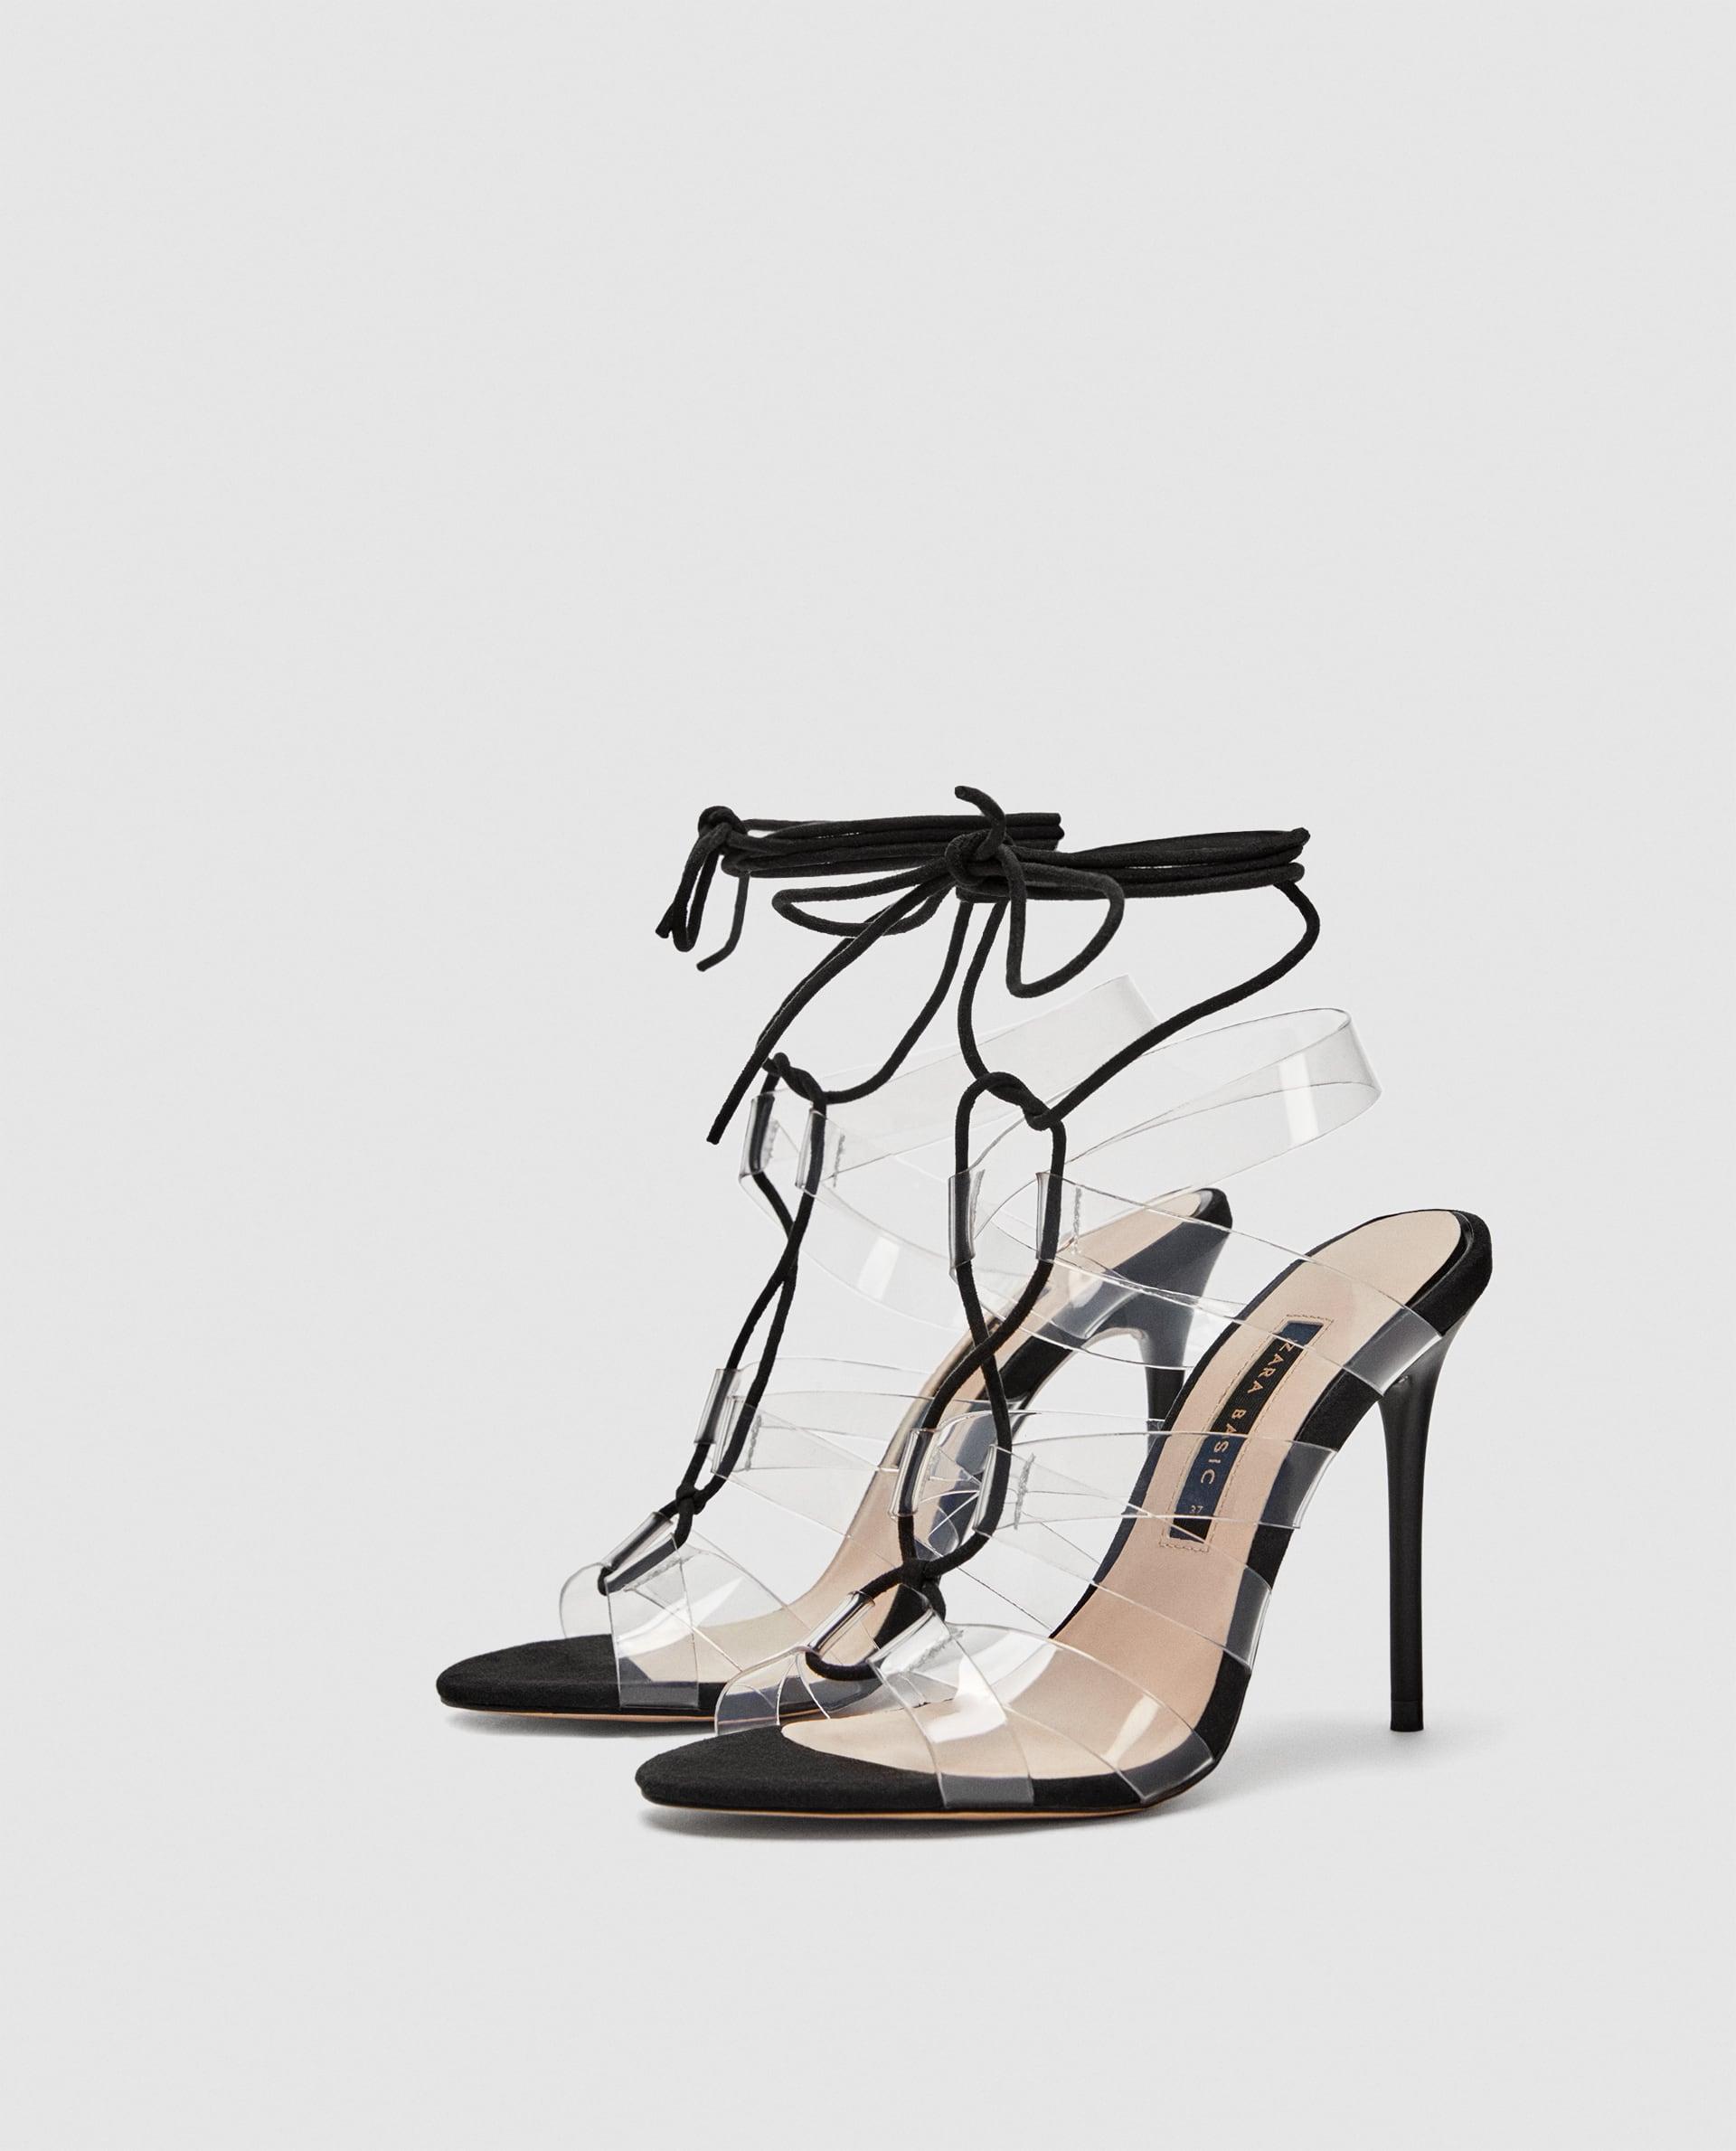 Été Gazellemag La Tendance 2018 Printemps Chaussures 2YIEDH9W